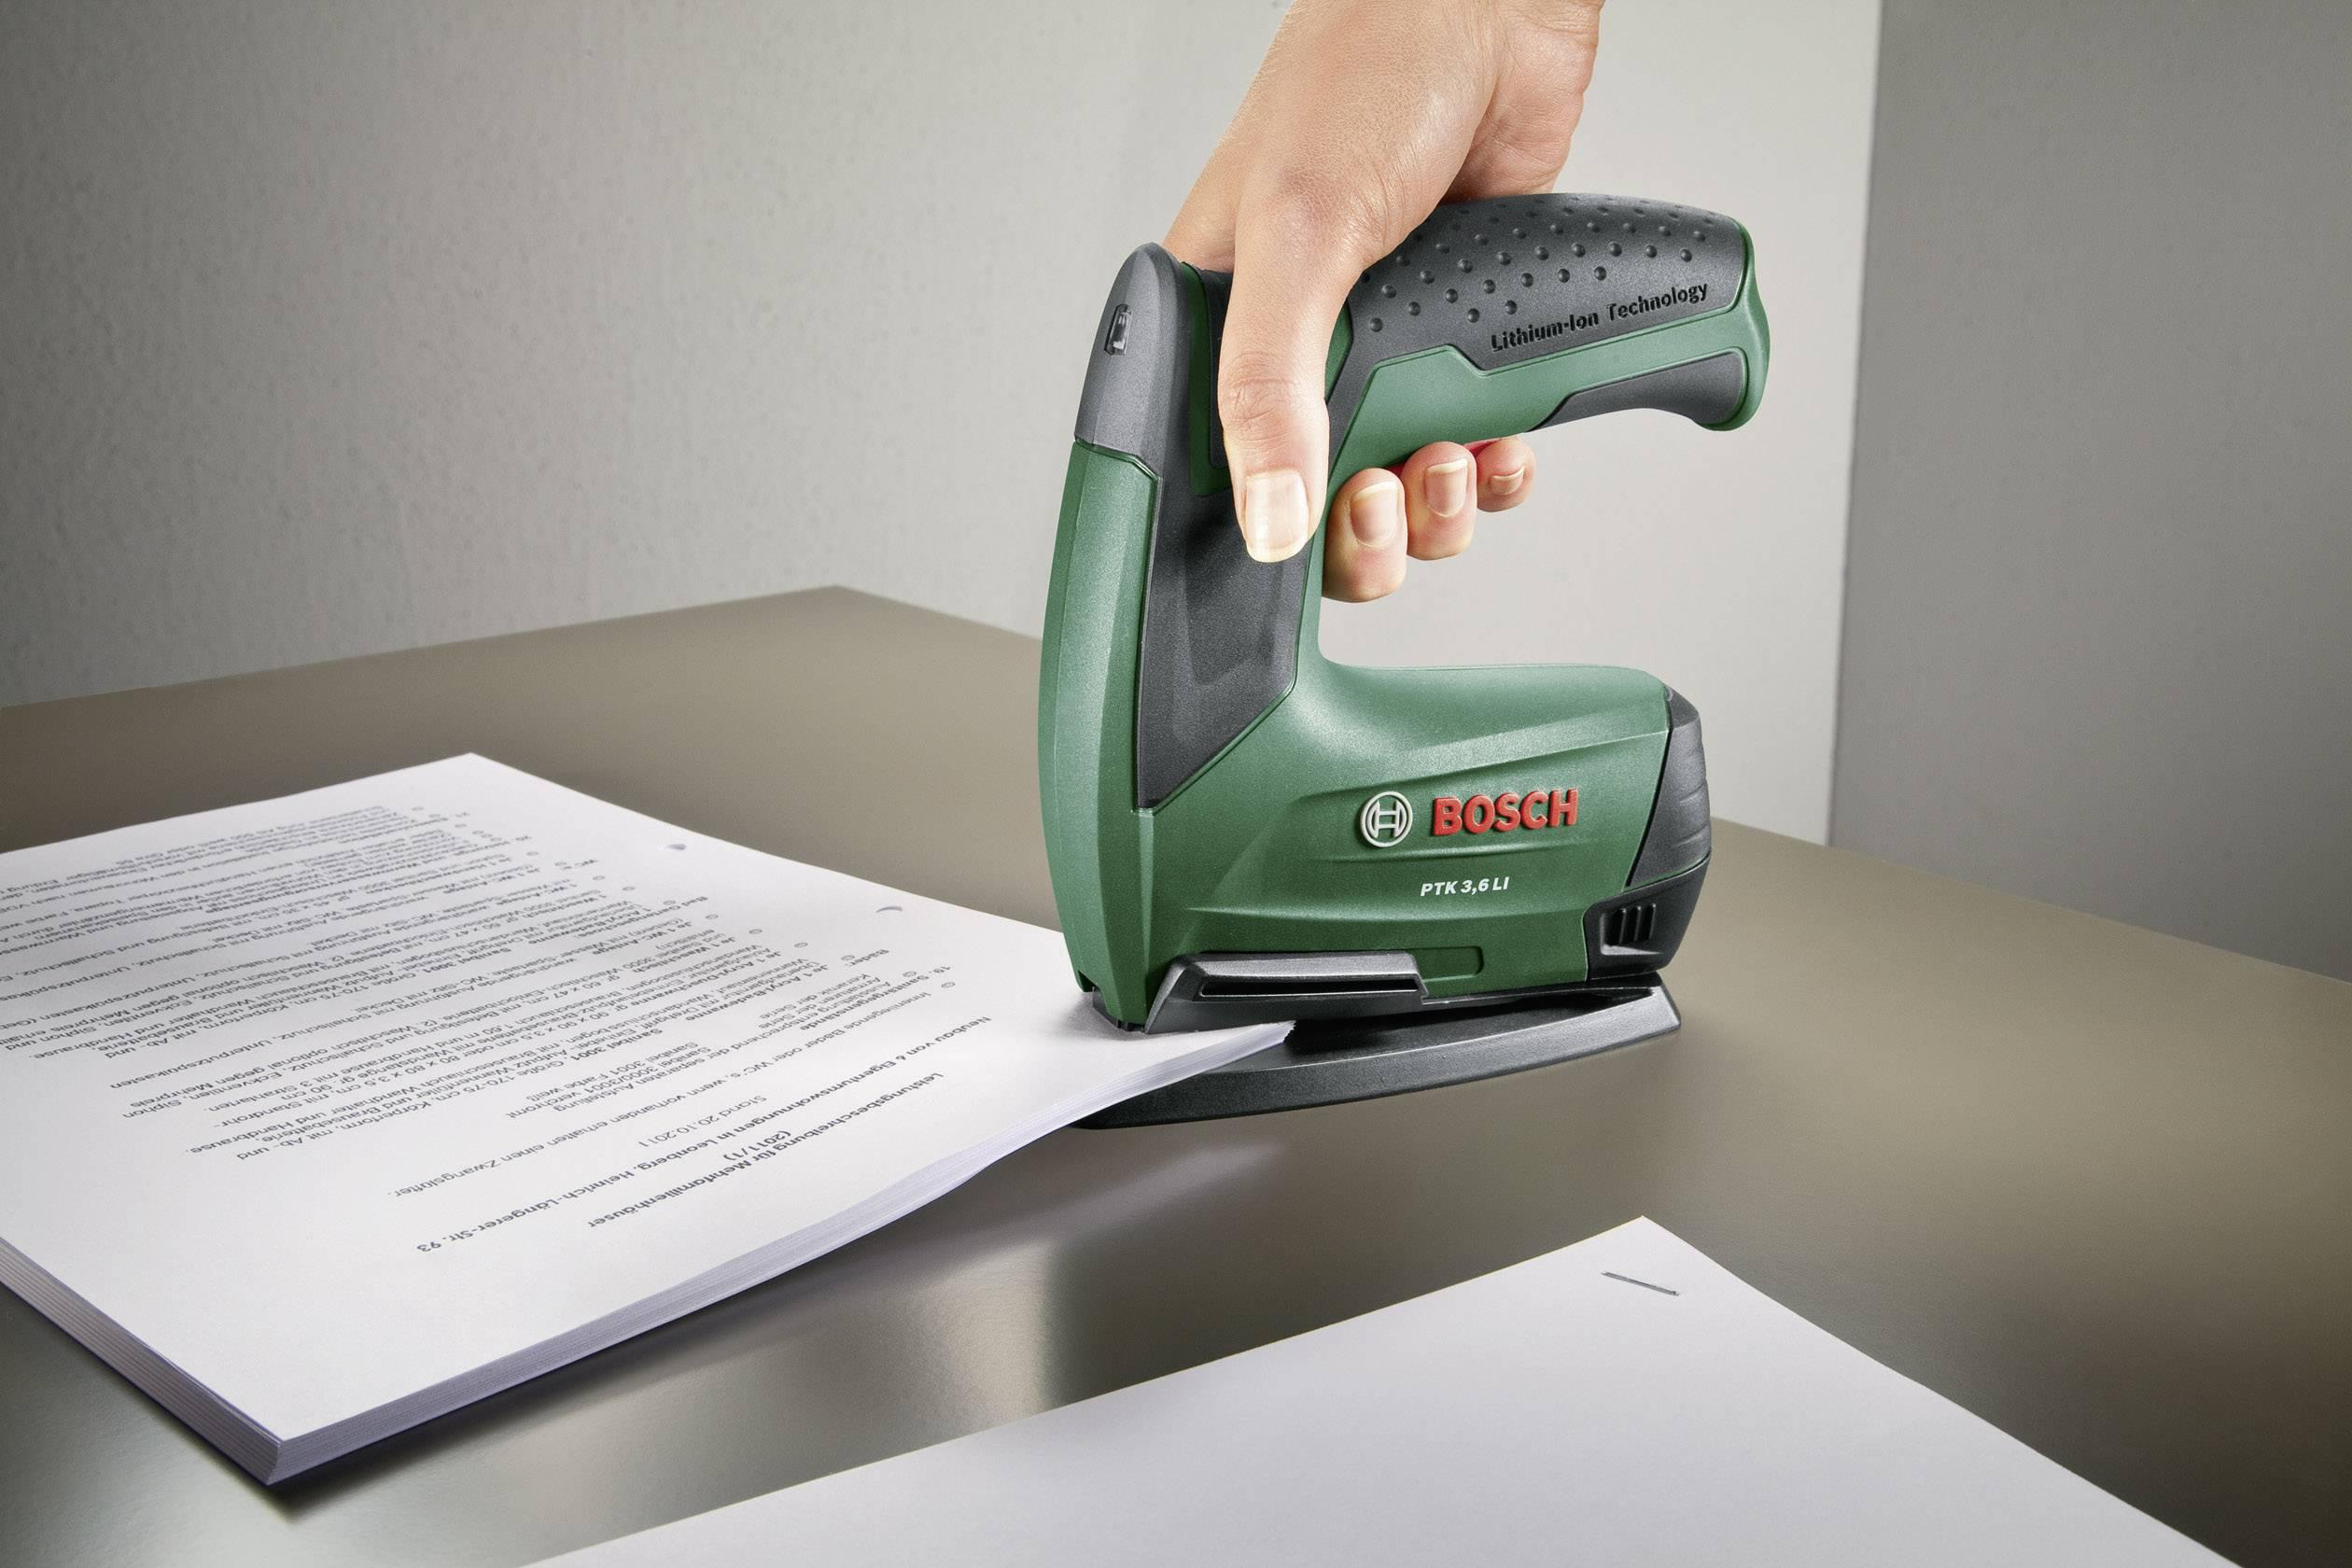 Akumulátorový sponkovač Bosch PTK 3,6 LI Office Set, typ spôn: 53